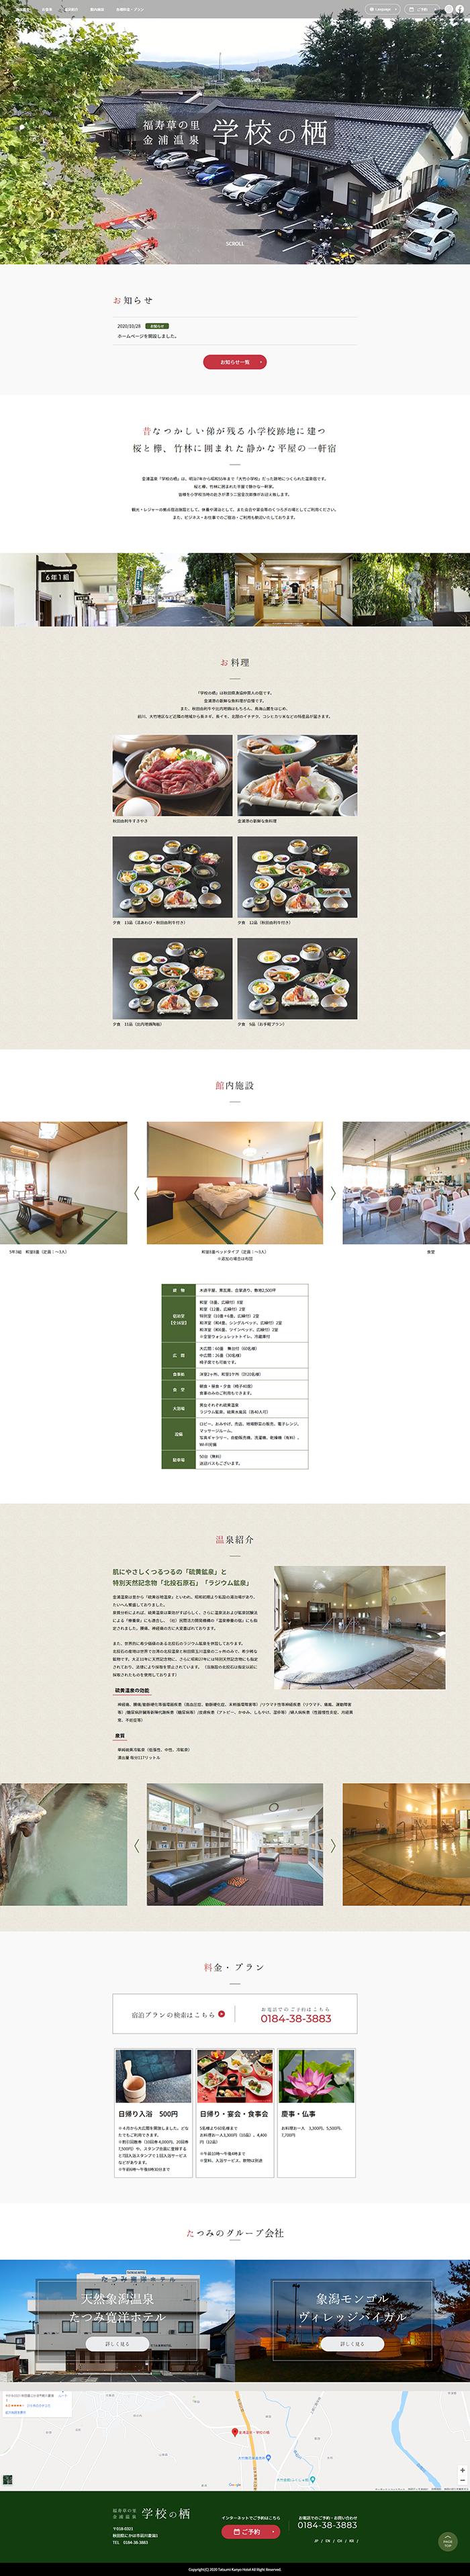 温泉旅館ホームページ制作実績